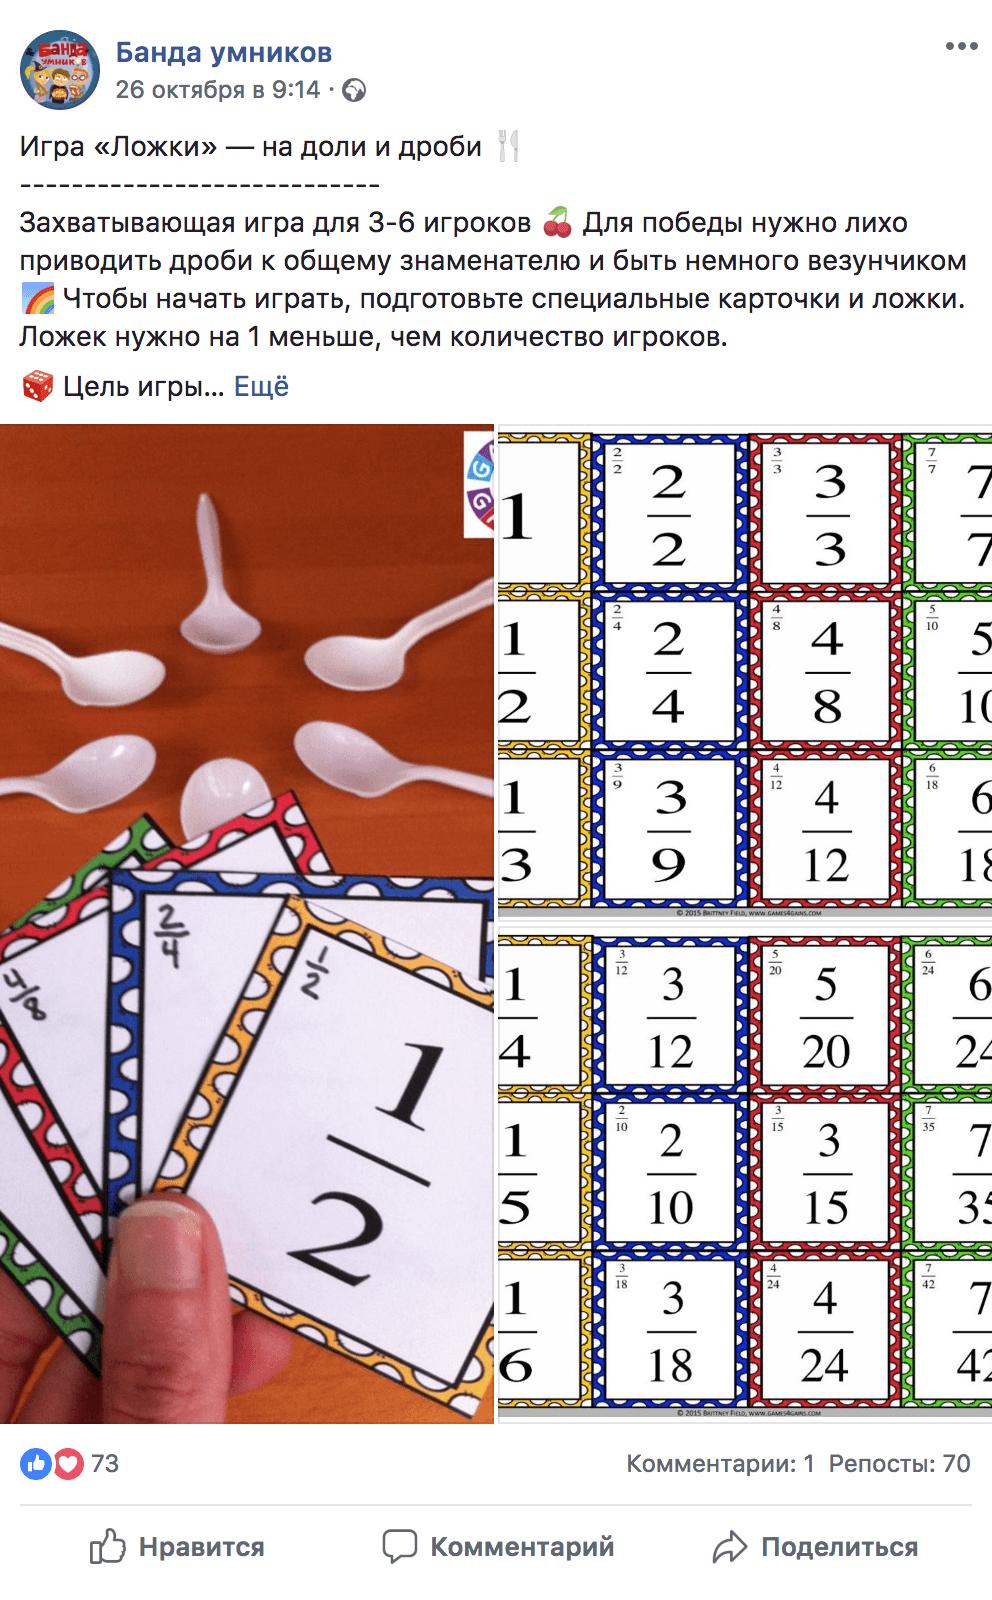 Игра «Ложки» помогает разобраться с дробями. Карточки для игры можно распечатать прямо из социальных сетей